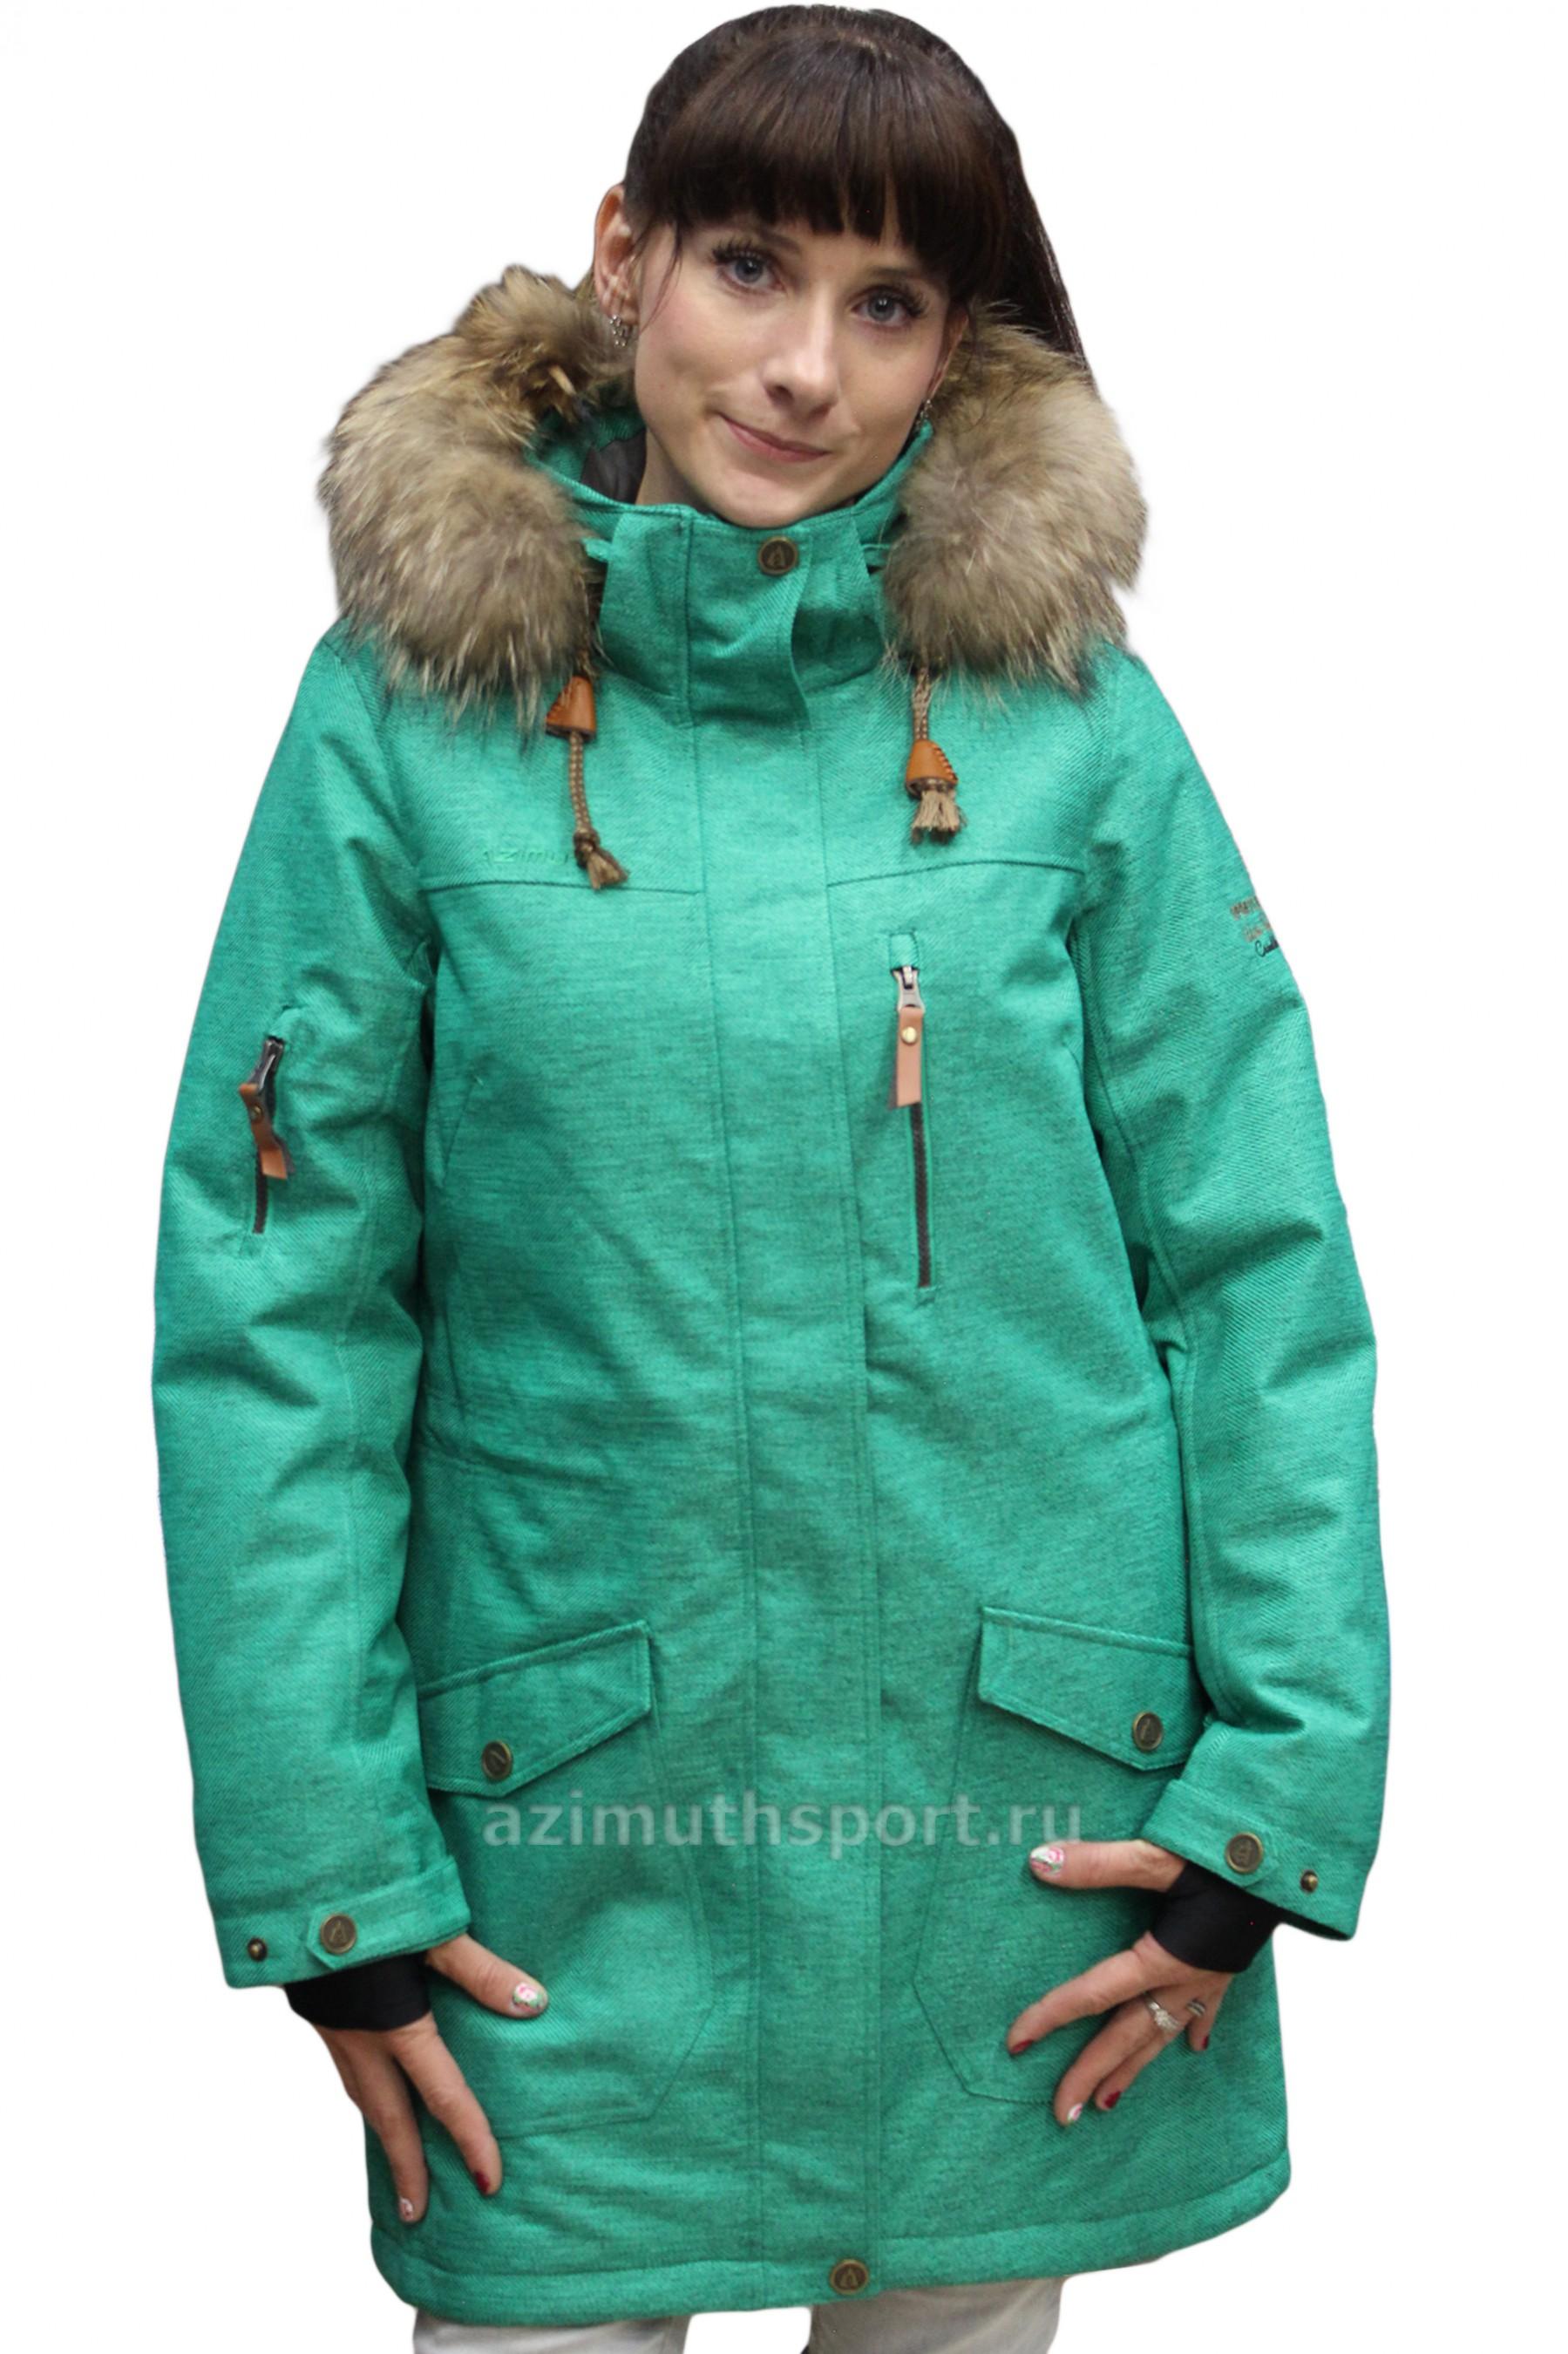 Сбор заказов. Новые коллекции Azimuth, Bogner, North Face и другие. Куртки,теплые парки,брюки. Размеры до 62. 4 сезон